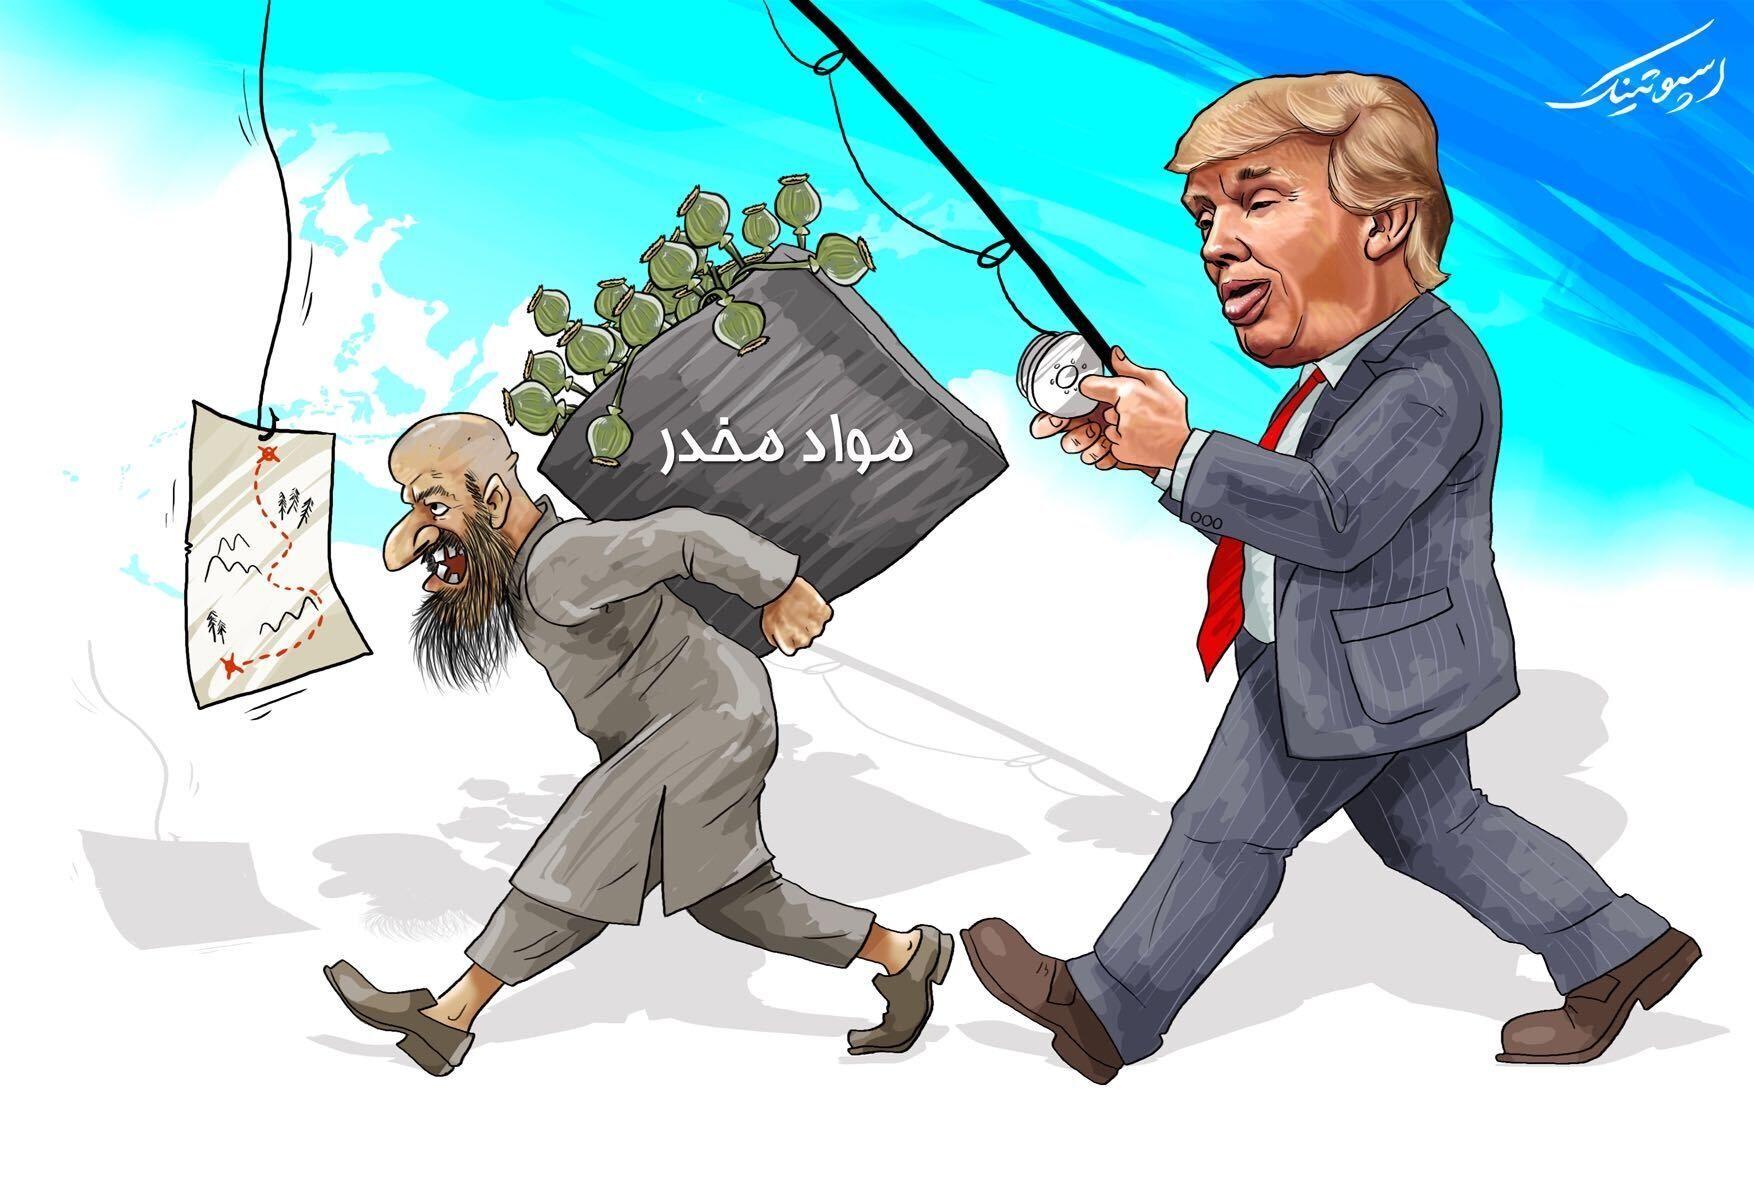 کابلوف: آمریکا در قاچاق مواد مخدر افغانستان مشارکت دارد